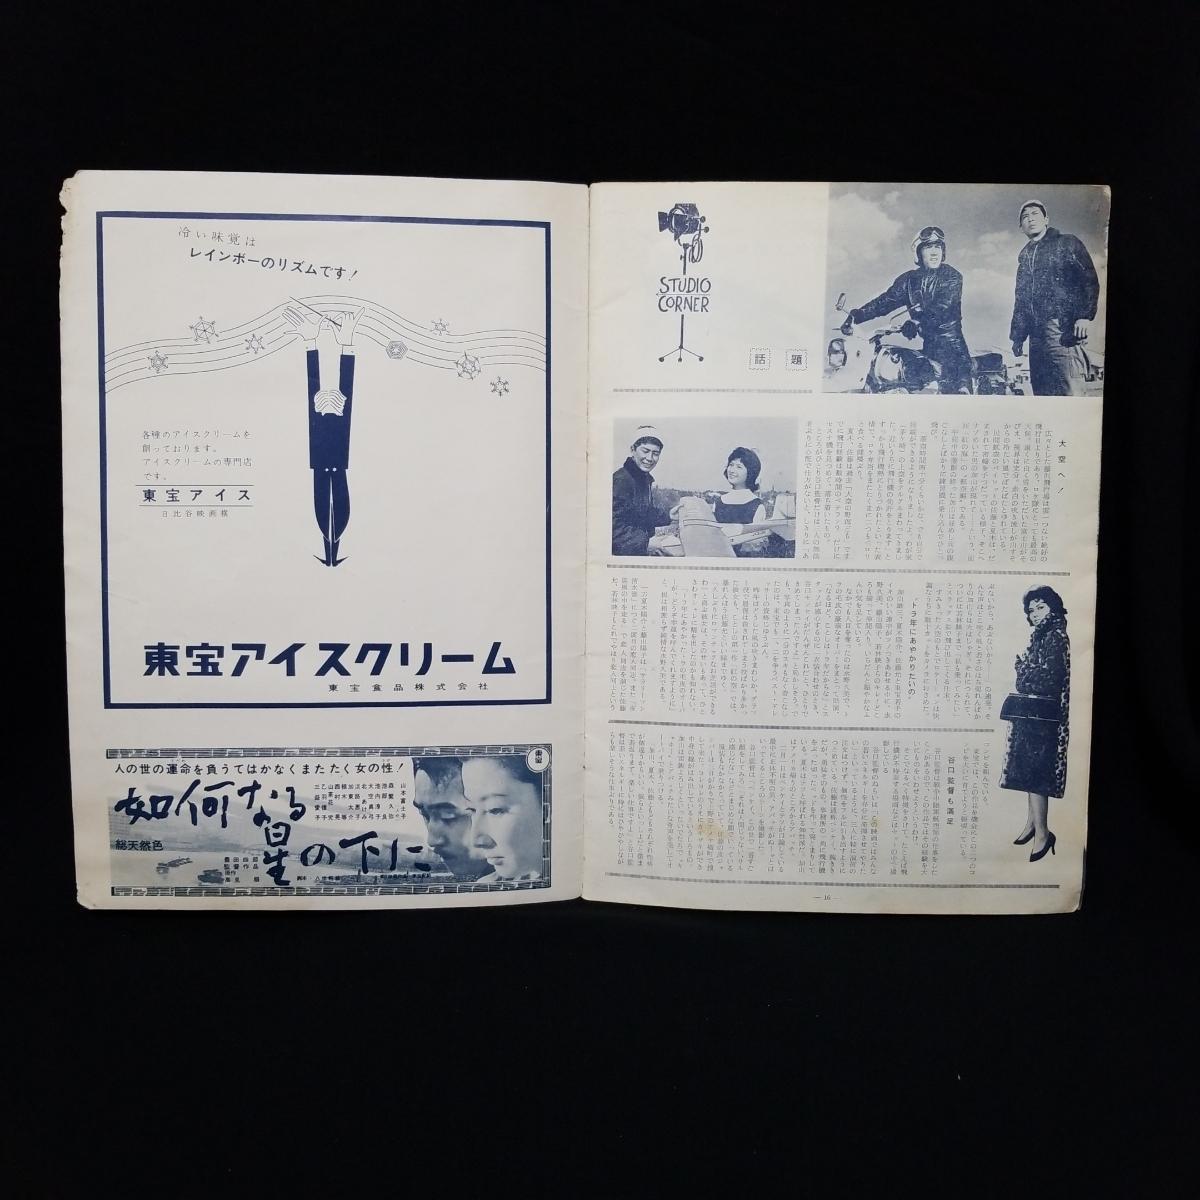 妖星ゴラス パンフレット 昭和37年 当時物 東宝 円谷英二 特撮映画_画像9